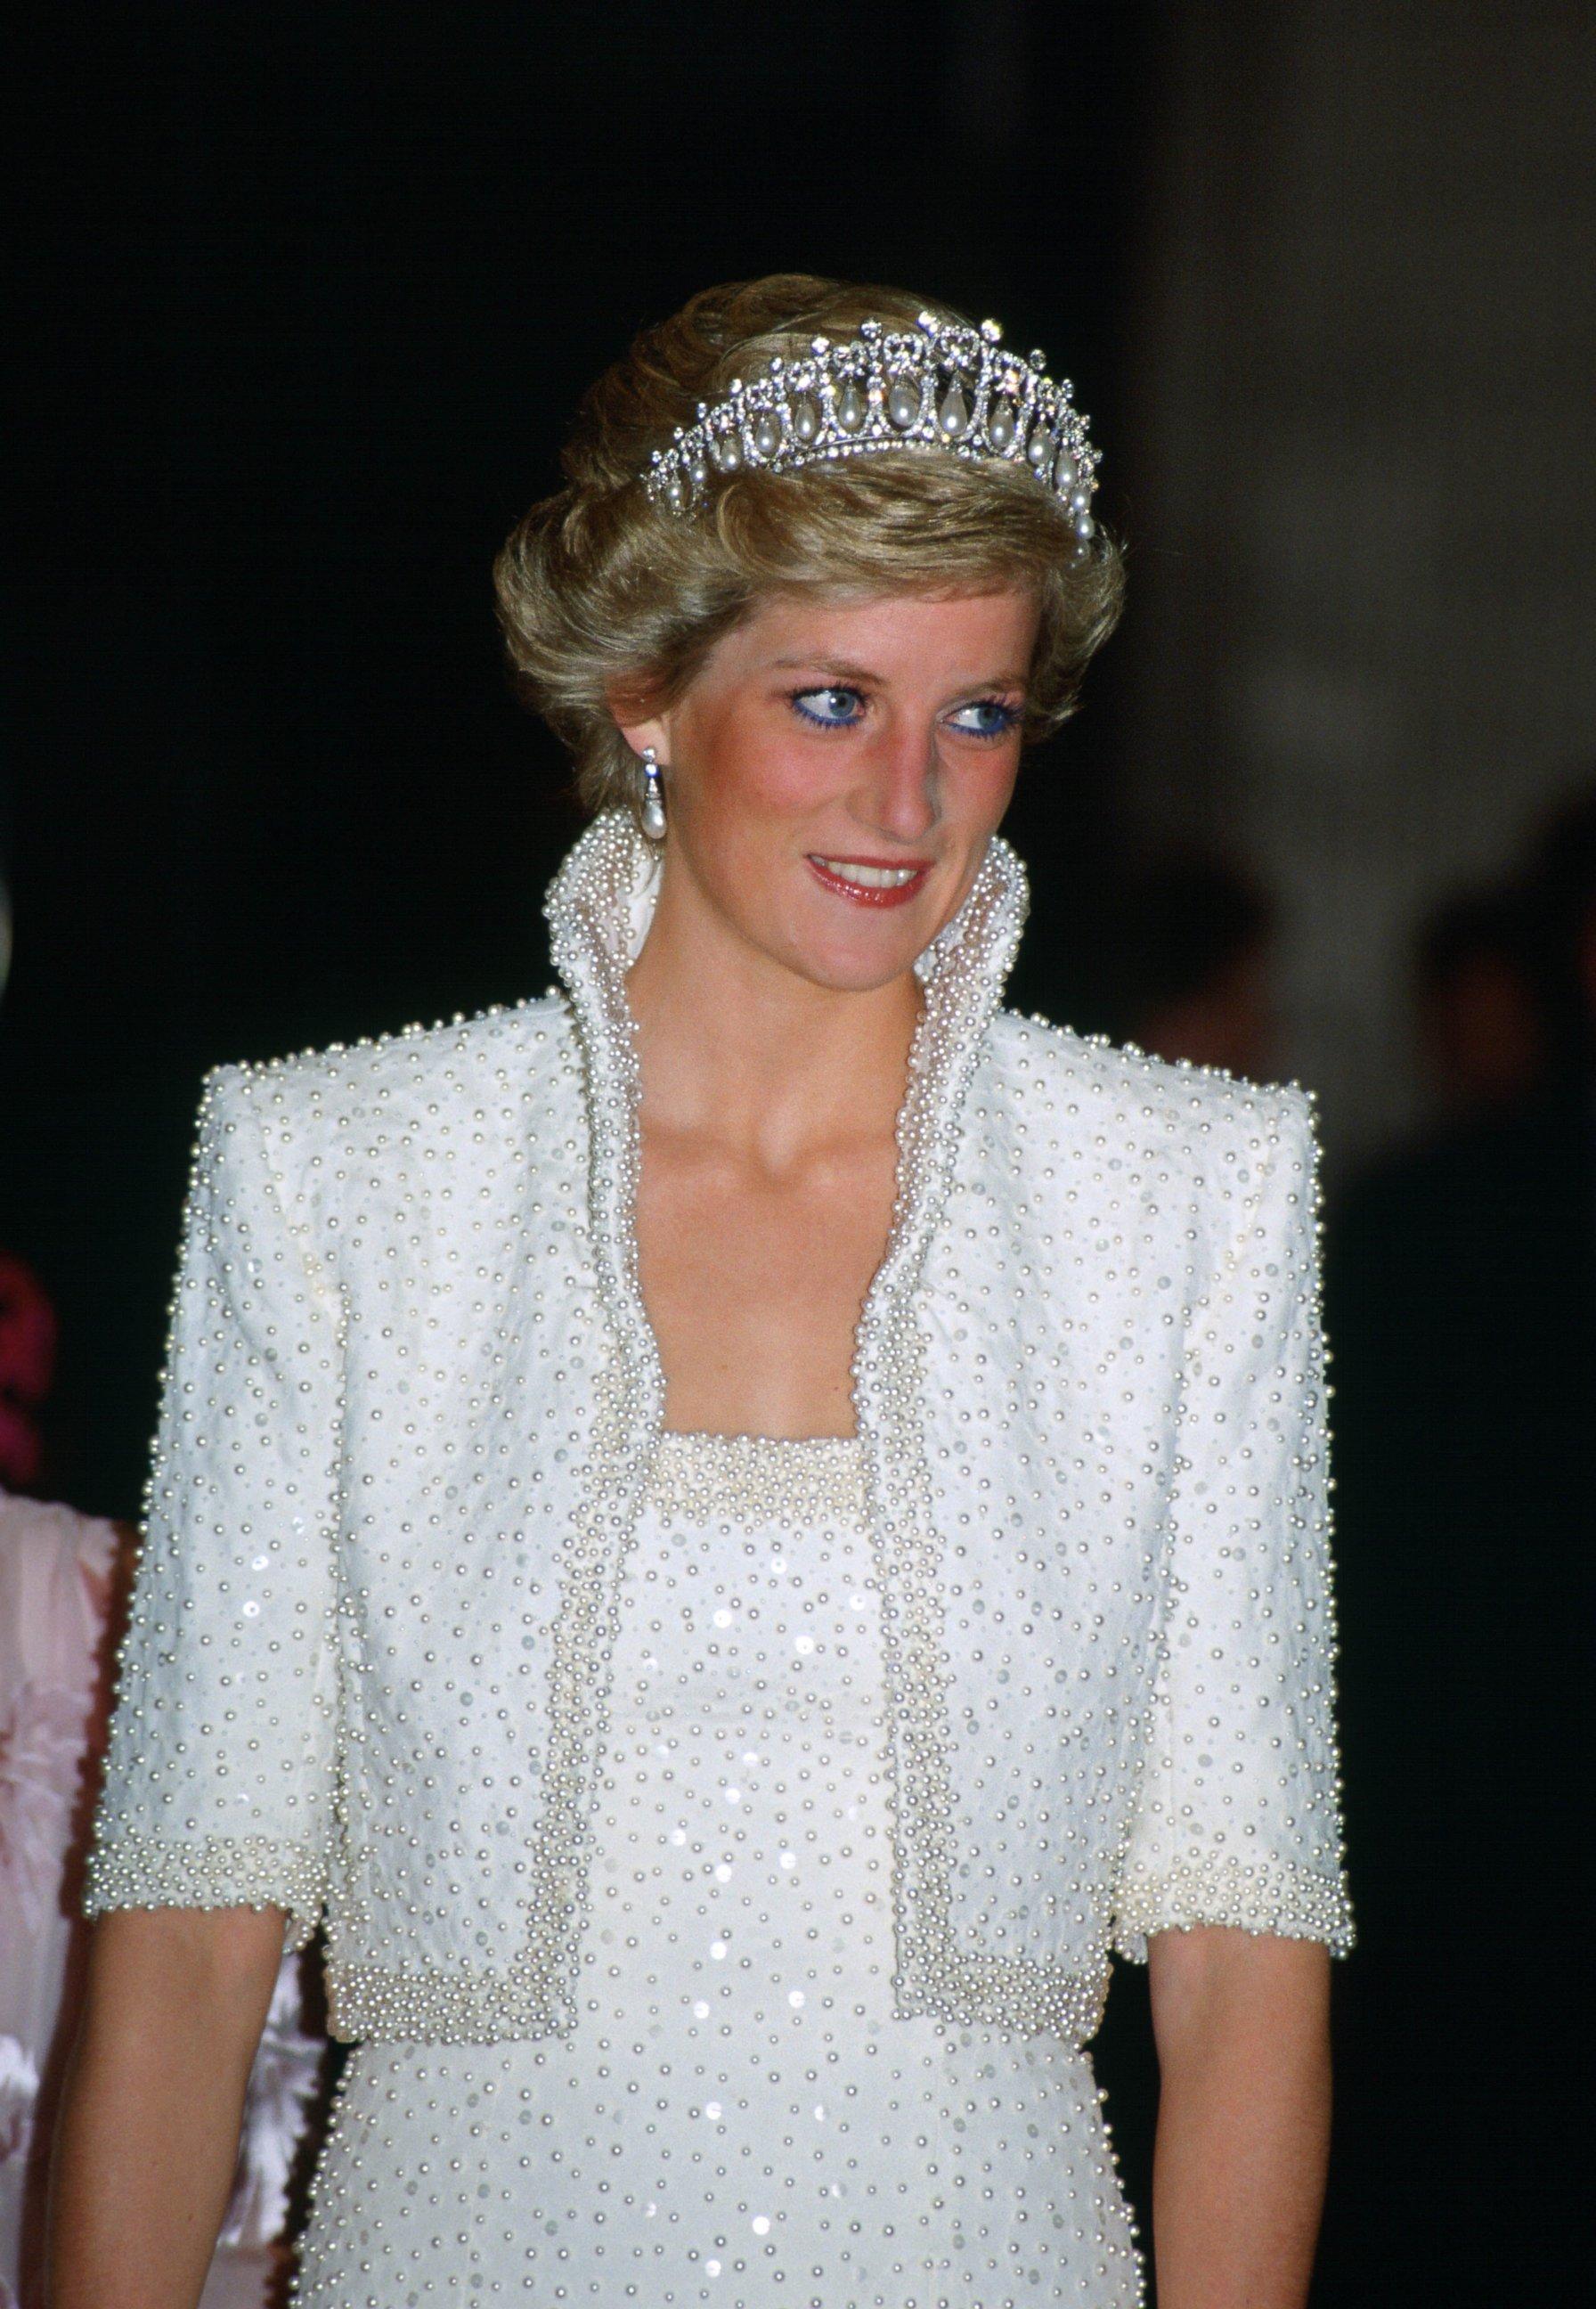 Princess Diana News Blog: Princess Diana Photos And Images